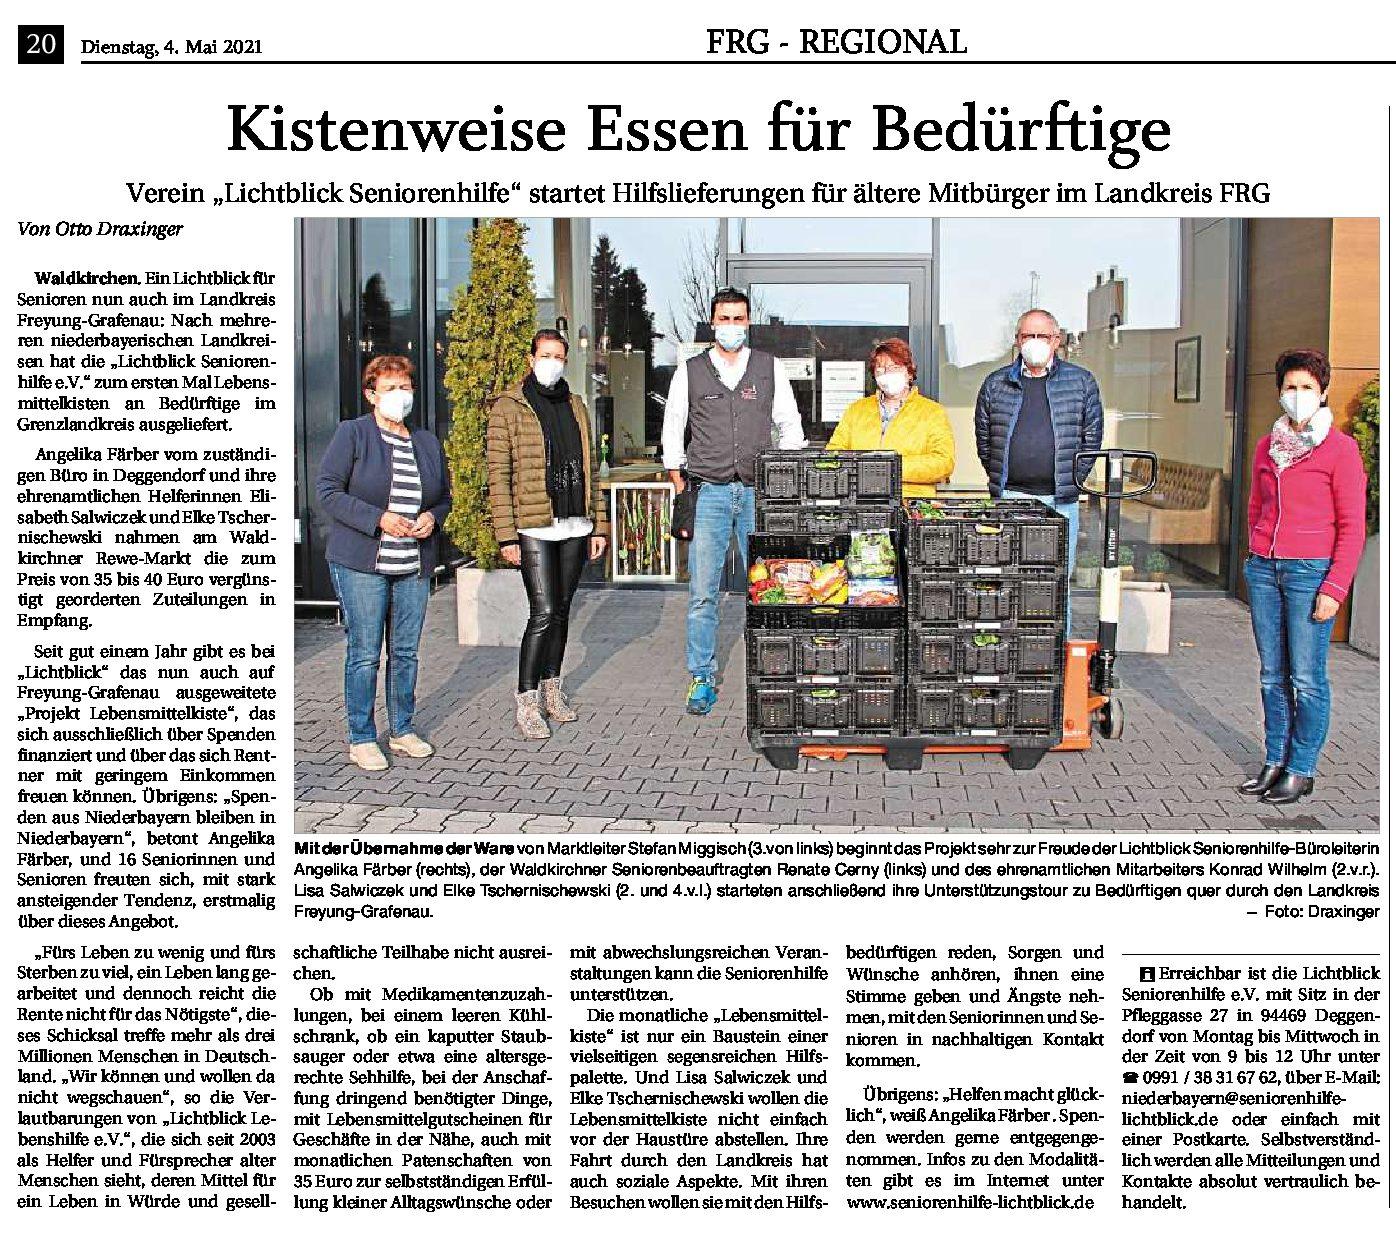 04.05.2021 | Passauer Neue Presse | Kistenweise Essen für Bedürftige